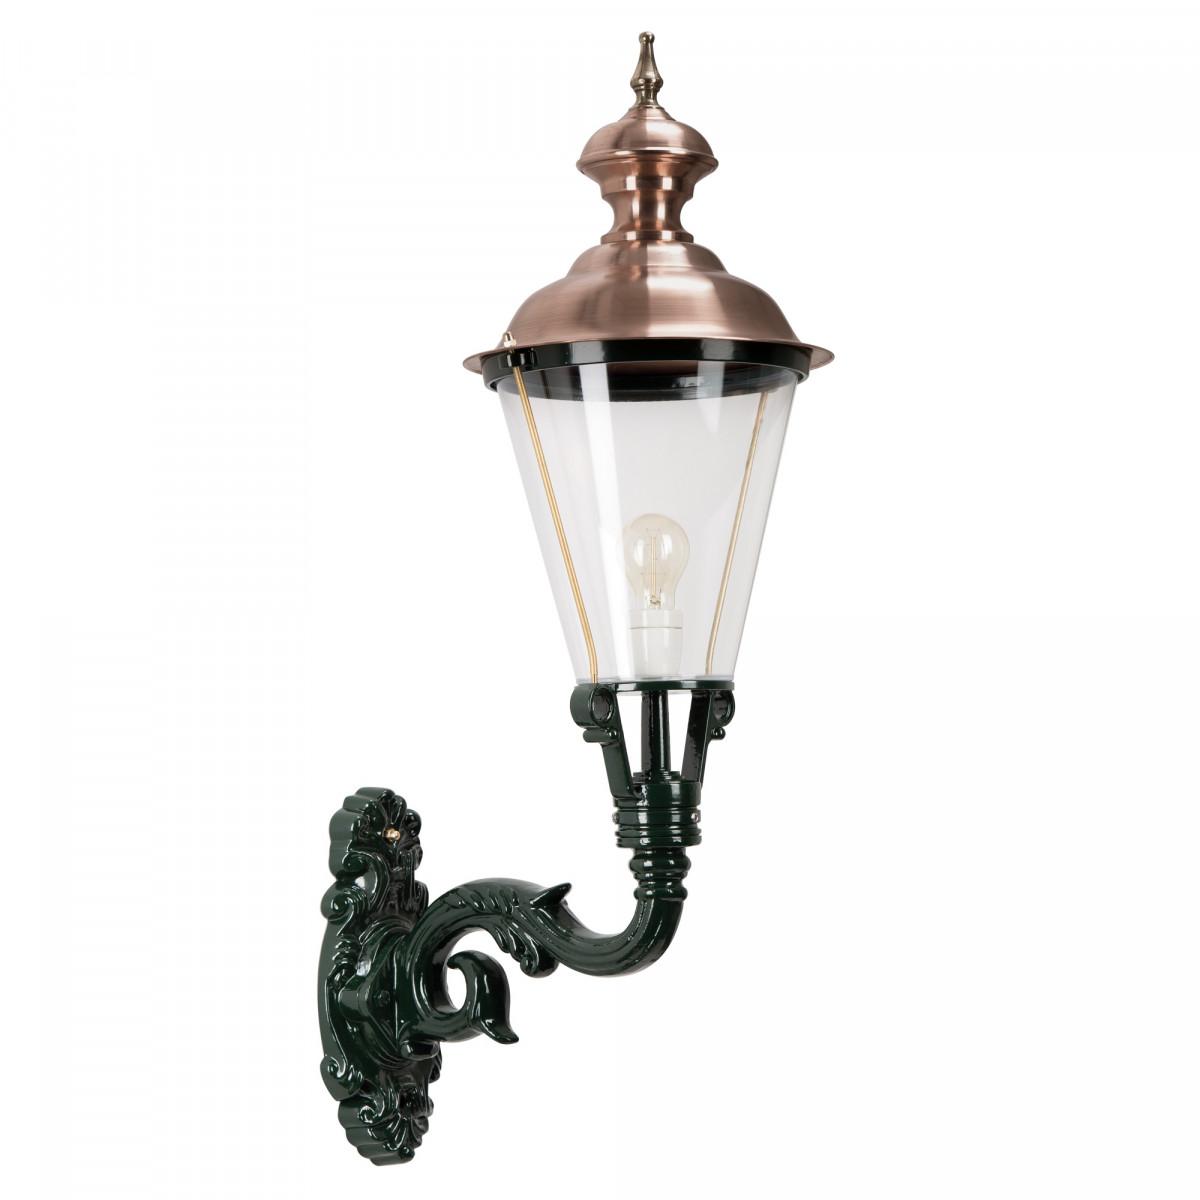 Klassieke buitenlamp Volendam 1 XL